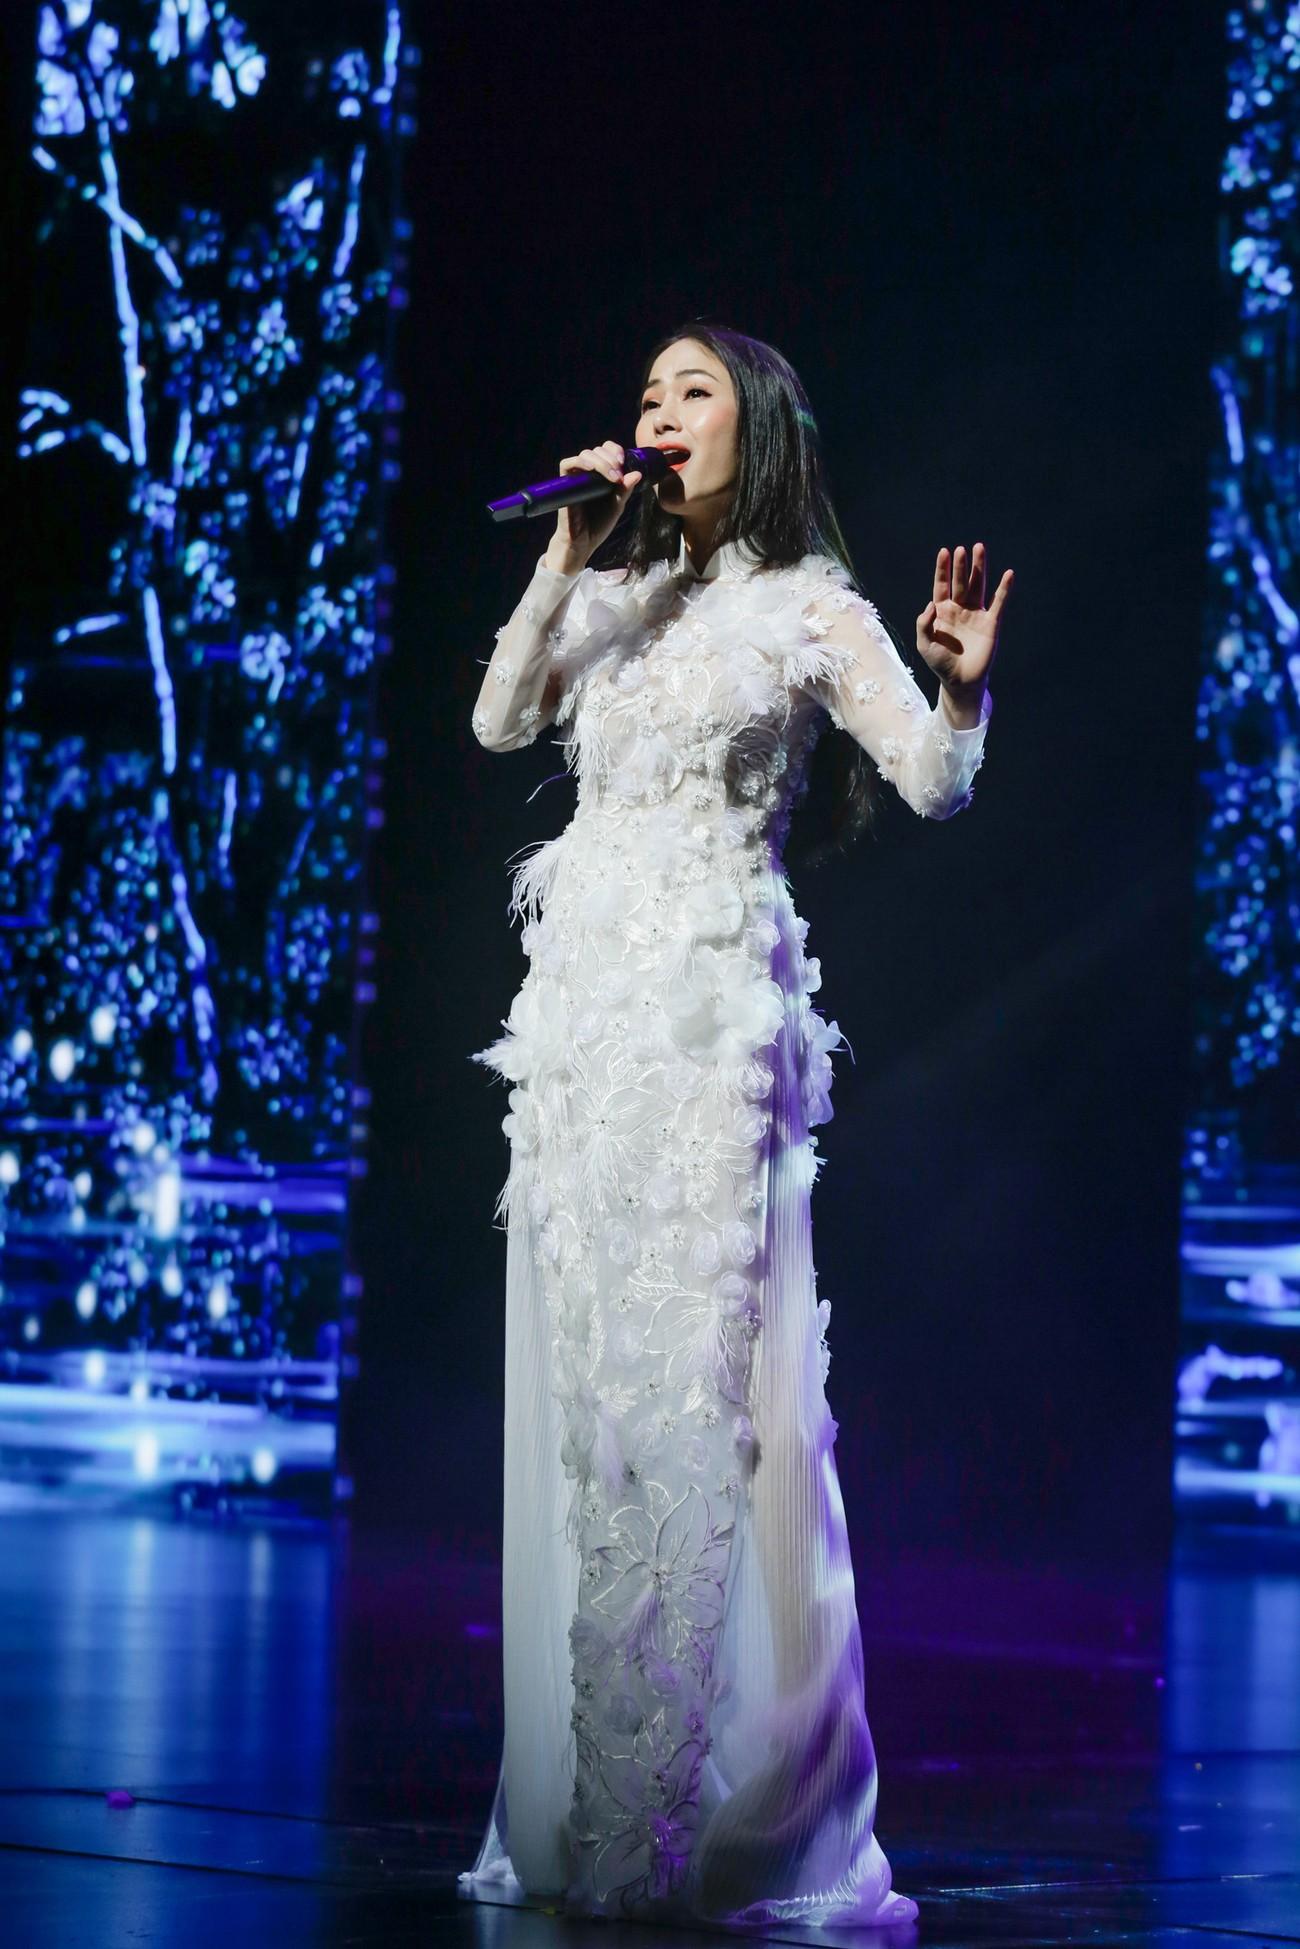 Giọng ca Sao Mai đăng quang Hoa hậu Áo dài Việt Nam 2019 - Ảnh 4.